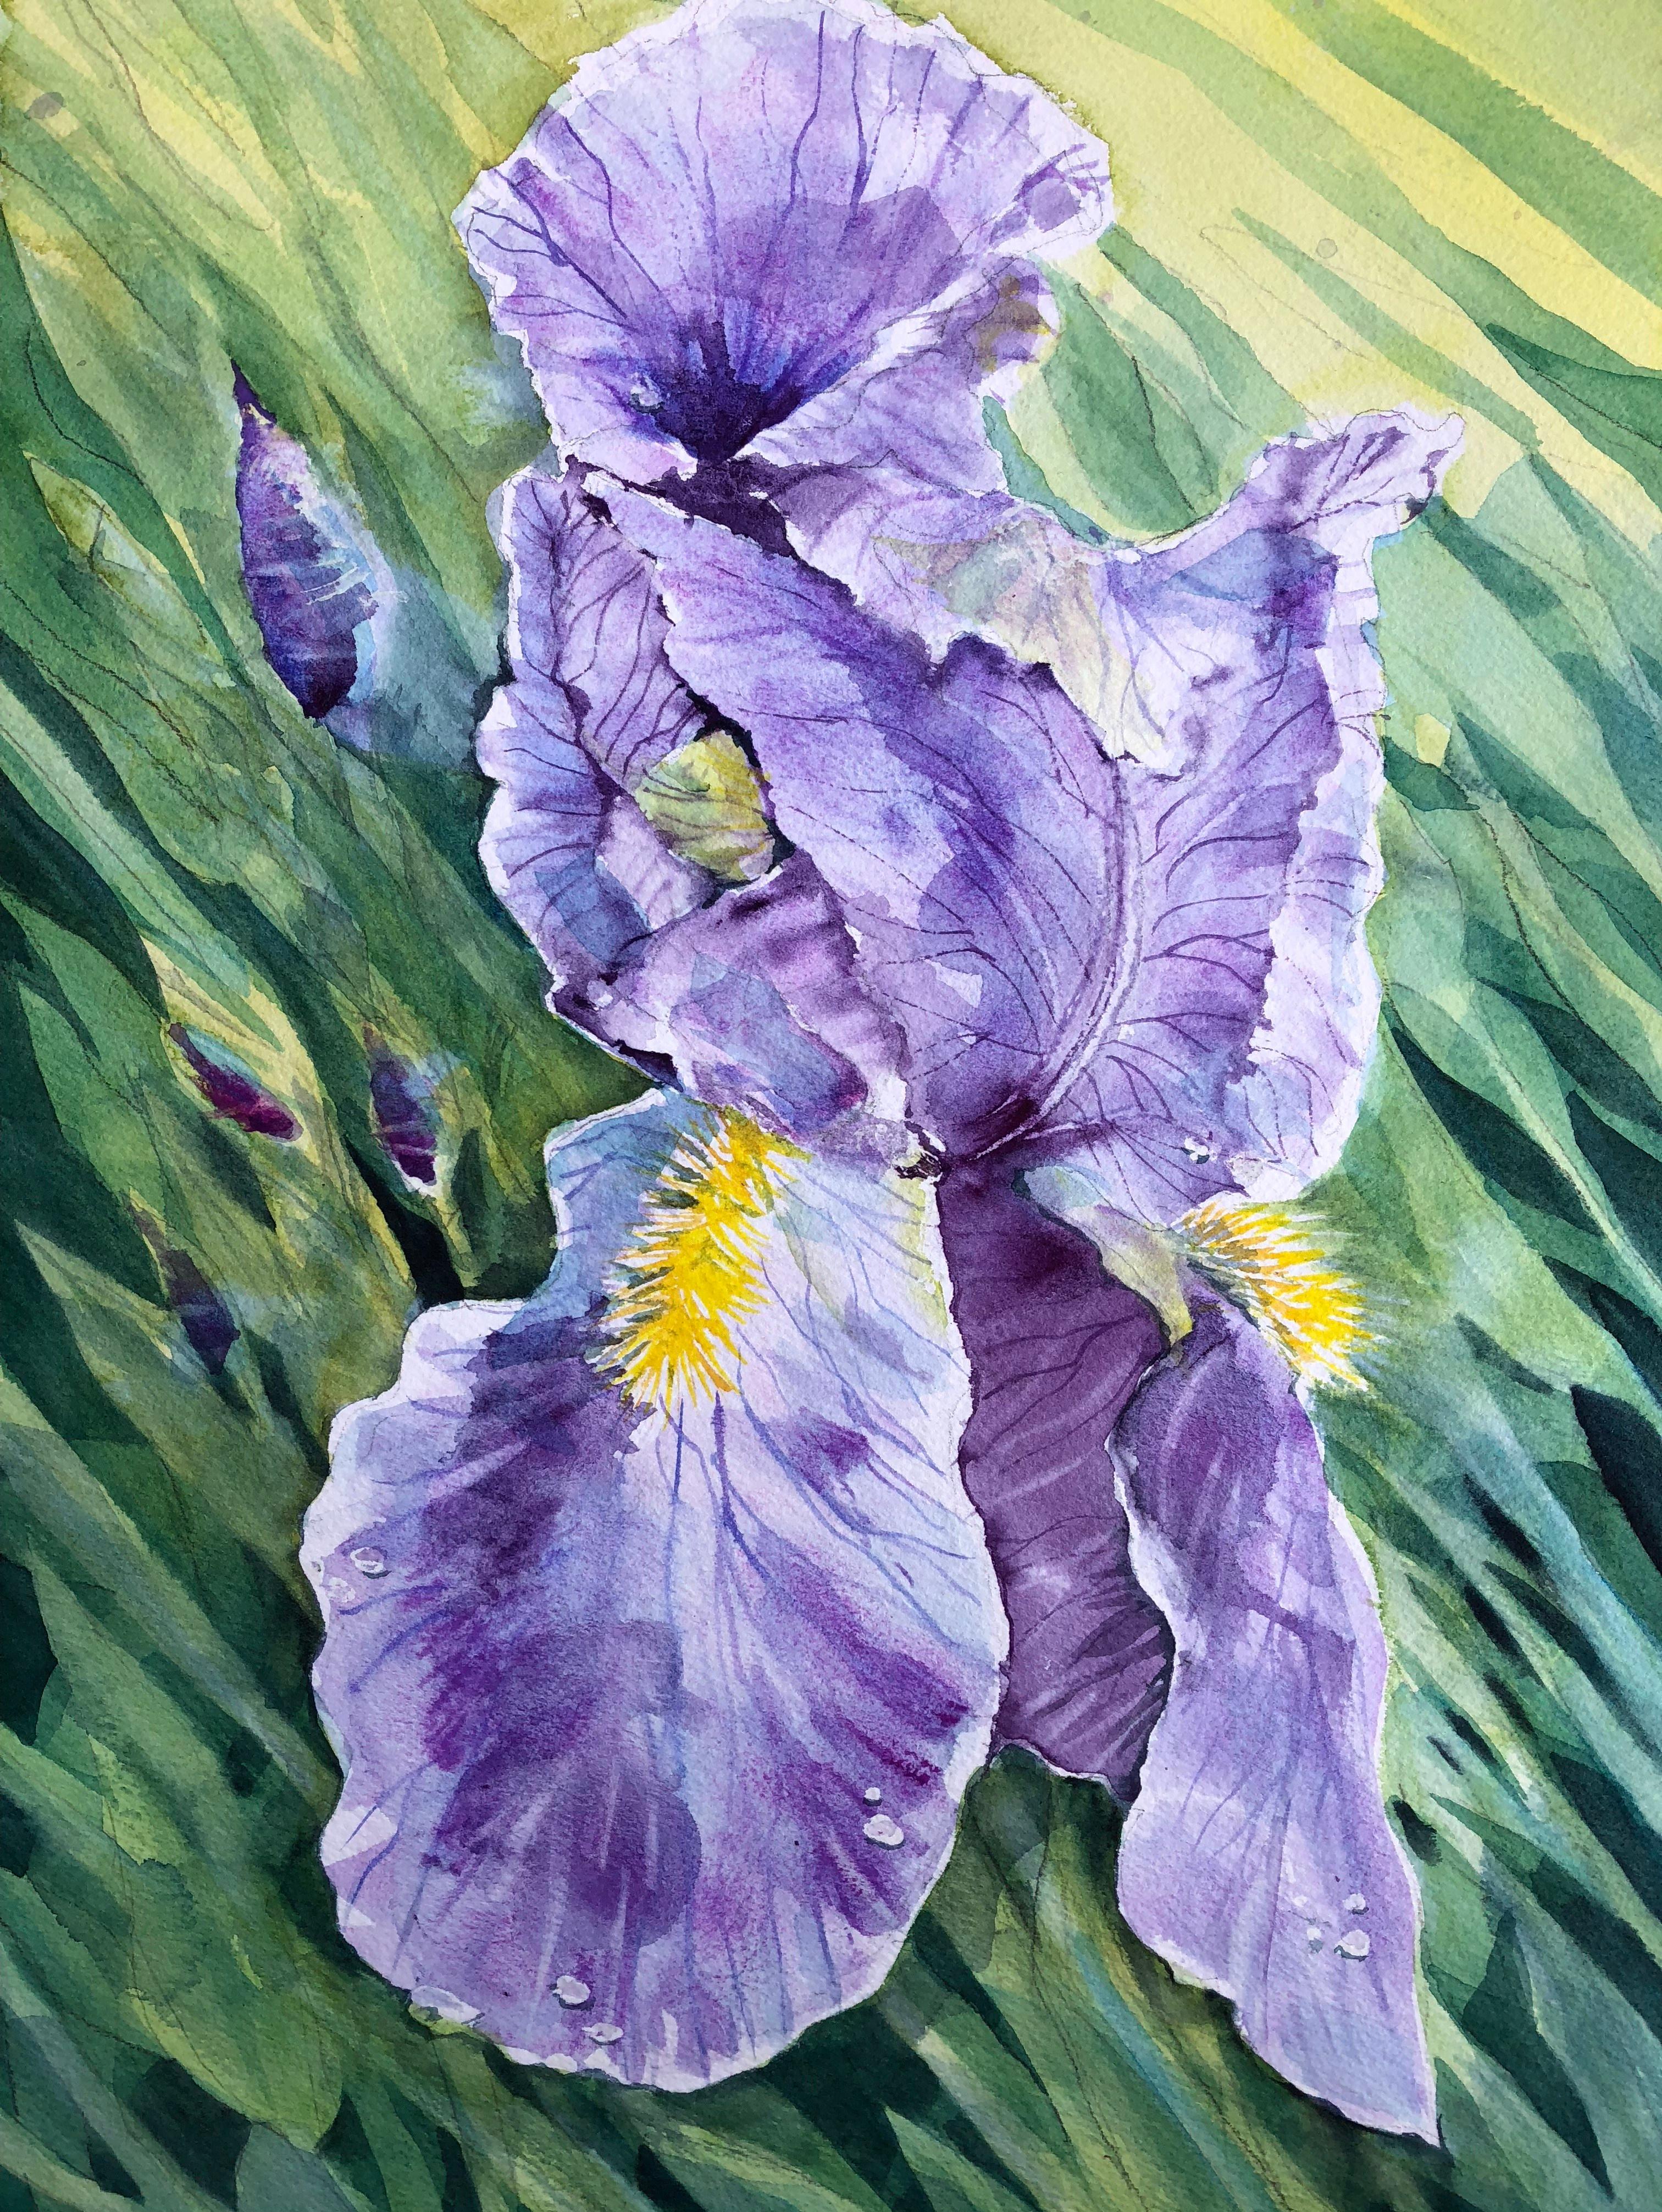 Iris at Almesbury Court